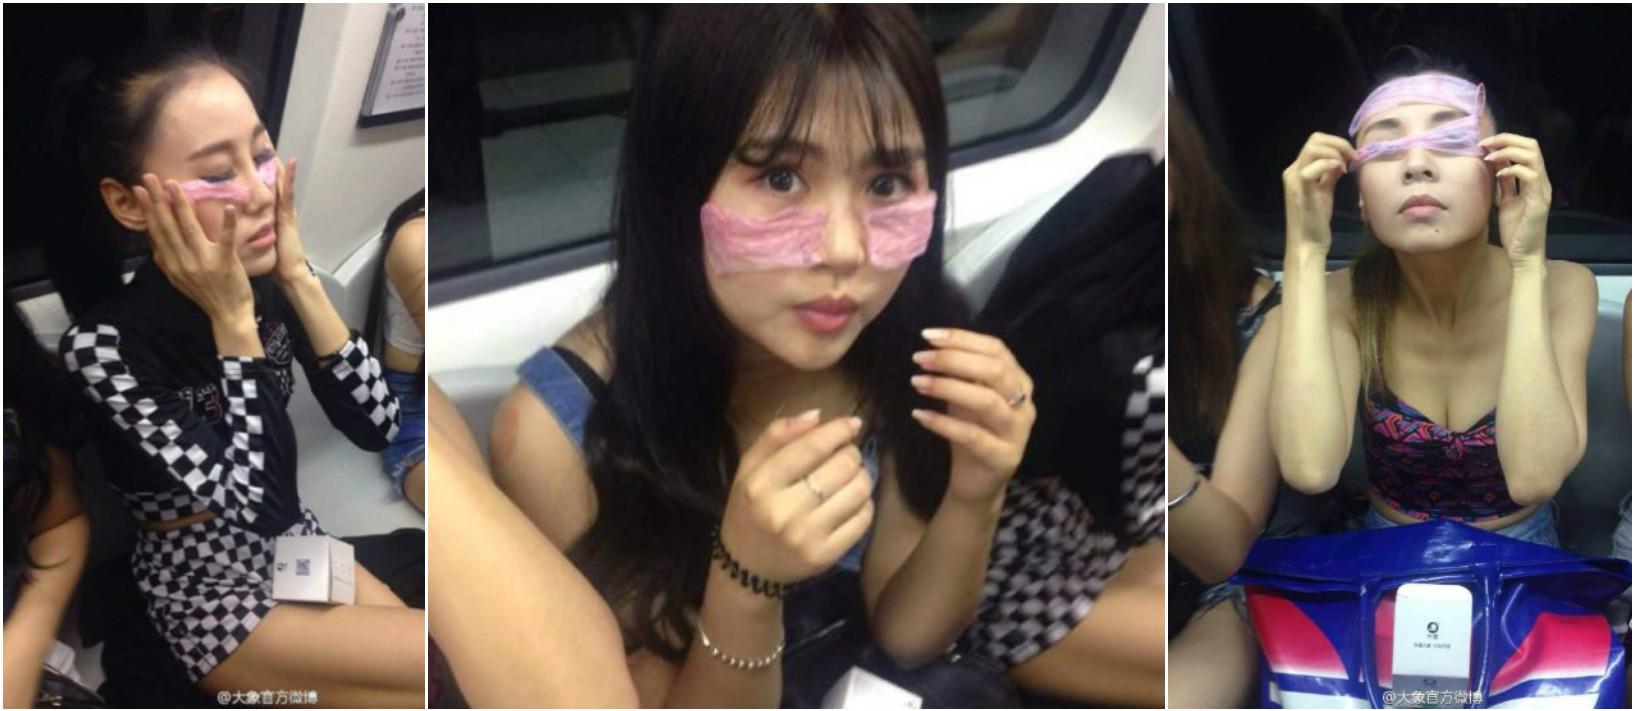 Девушки в метро рекламируют презервативы. Фото via Weibo